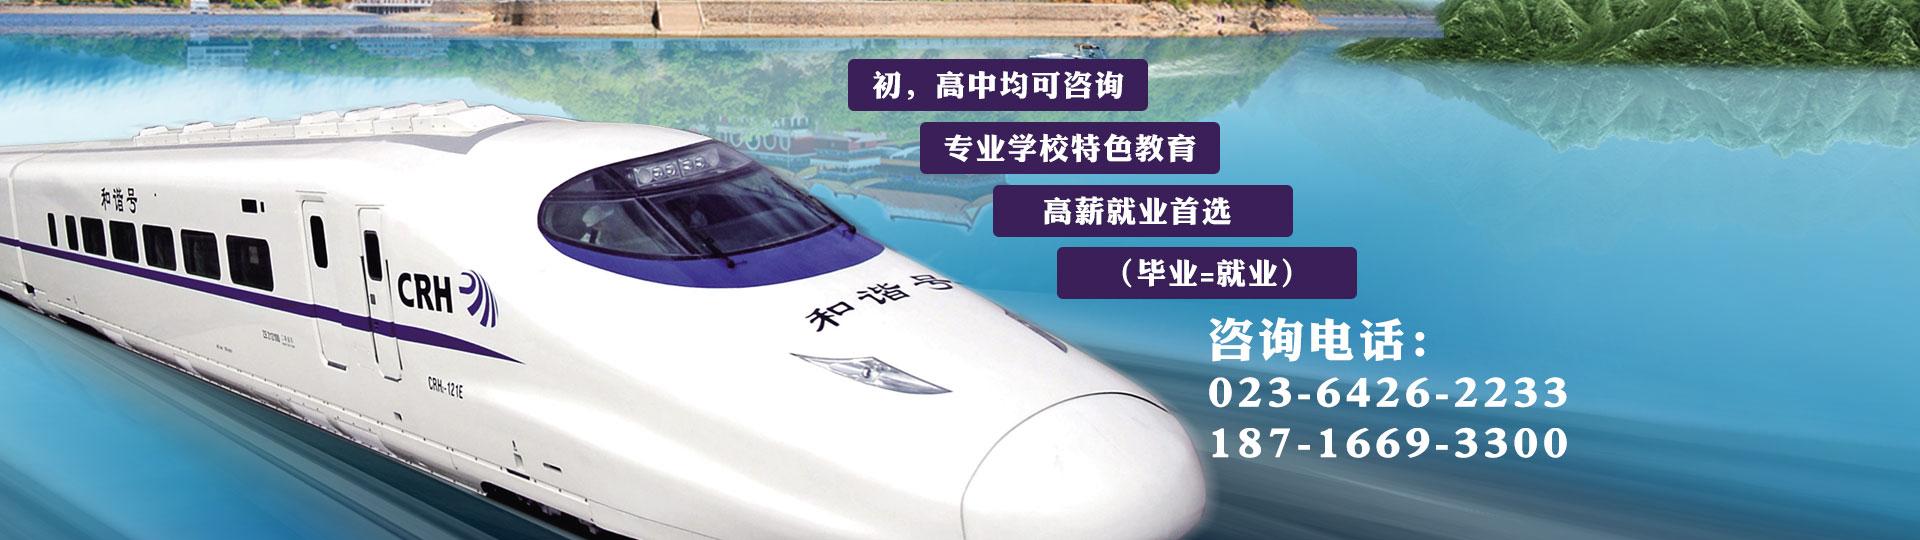 重庆高铁学校